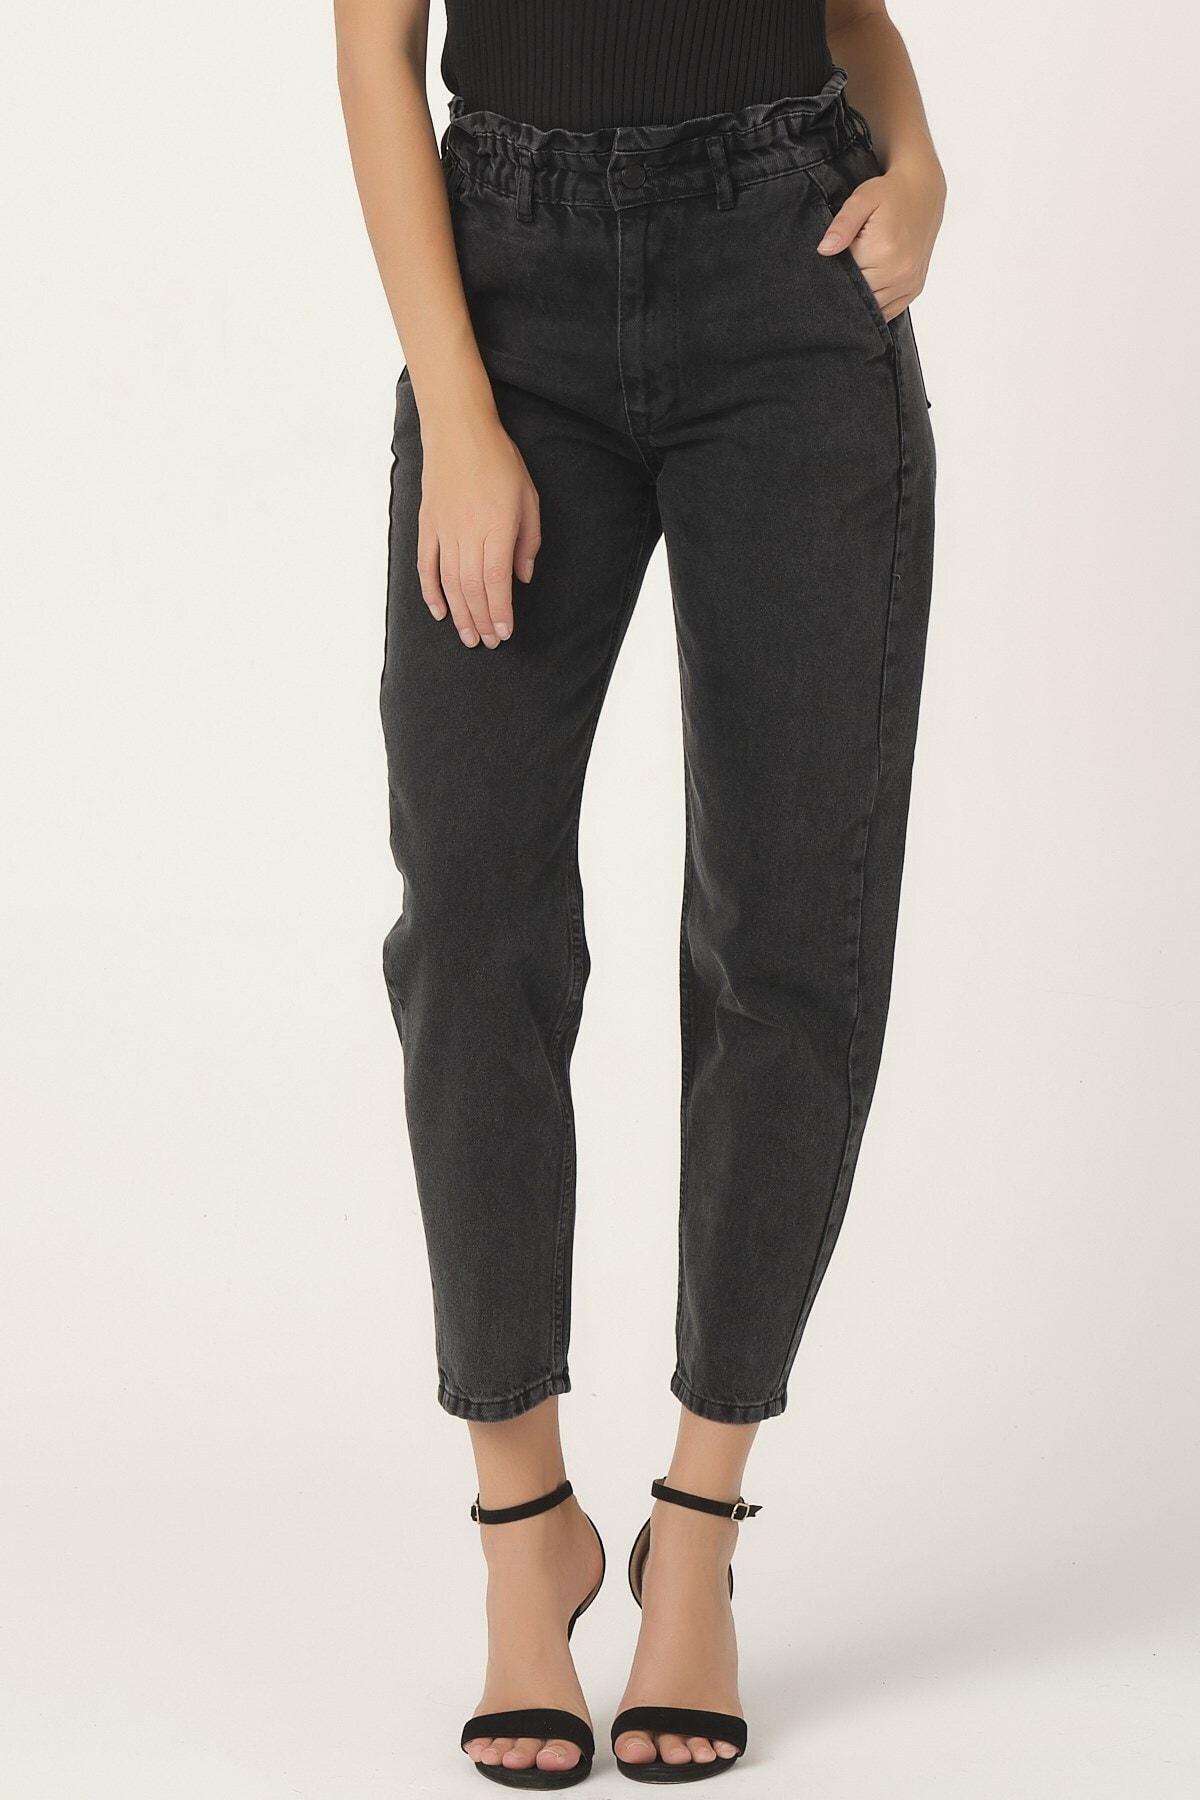 its basic Kadın Füme Renk Beli Lastikli Balon Jean 1